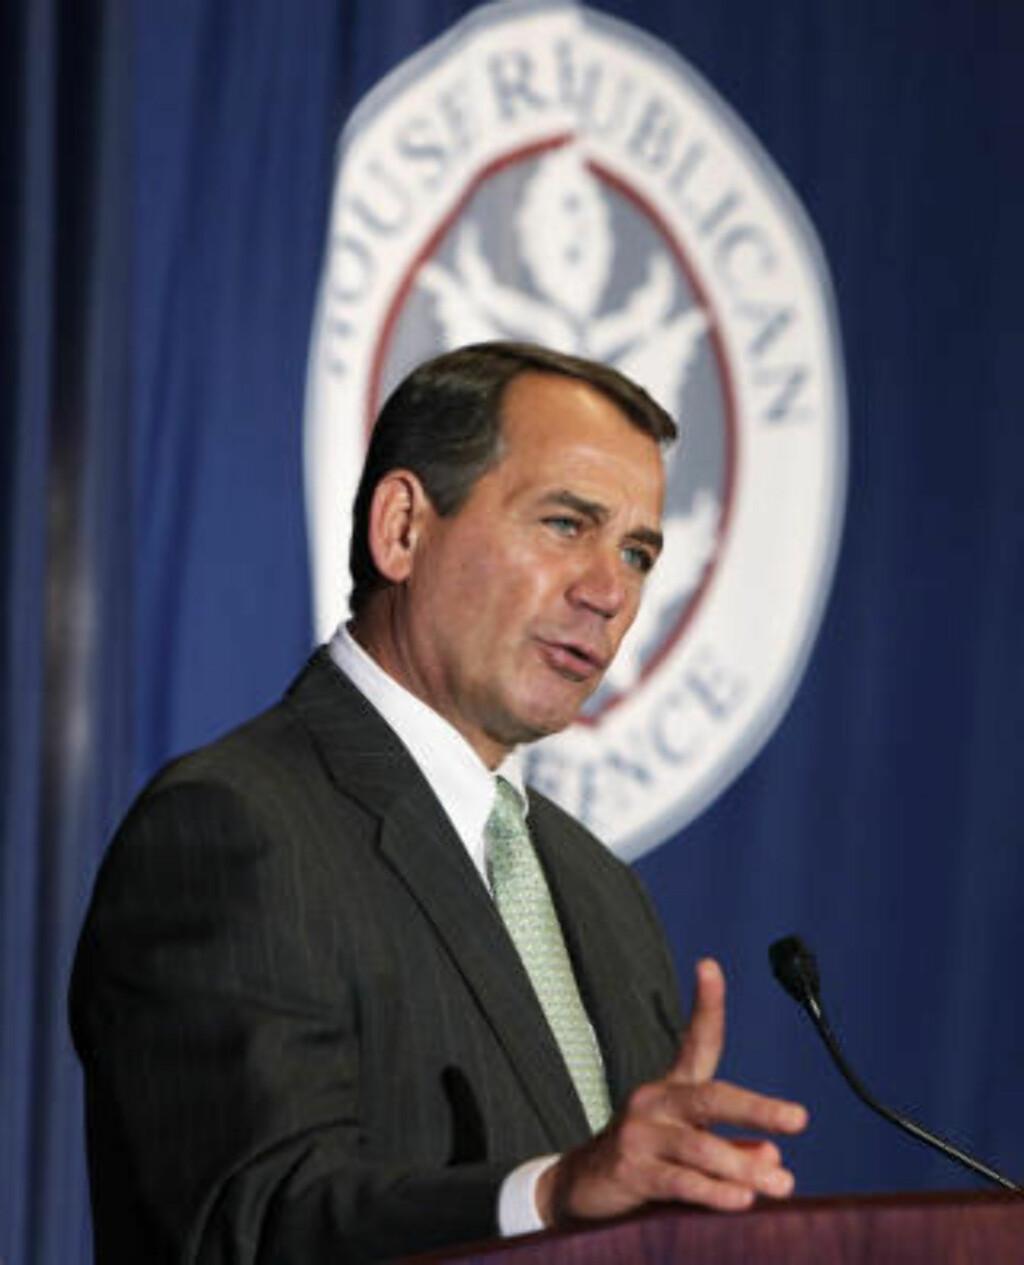 LOVER OMKAMP: Republikanernes leder i Representantenes hus, John Boehner, sier partiet vil fortsette kampen mot helsereformen. Det skal holdes mellomvalg i november, og dersom Republikanerne da vinner flertall i Kongressen, vil de forsøke å få loven opphevet. Foto: REUTERS / Yuri Gripas / SCANPIX